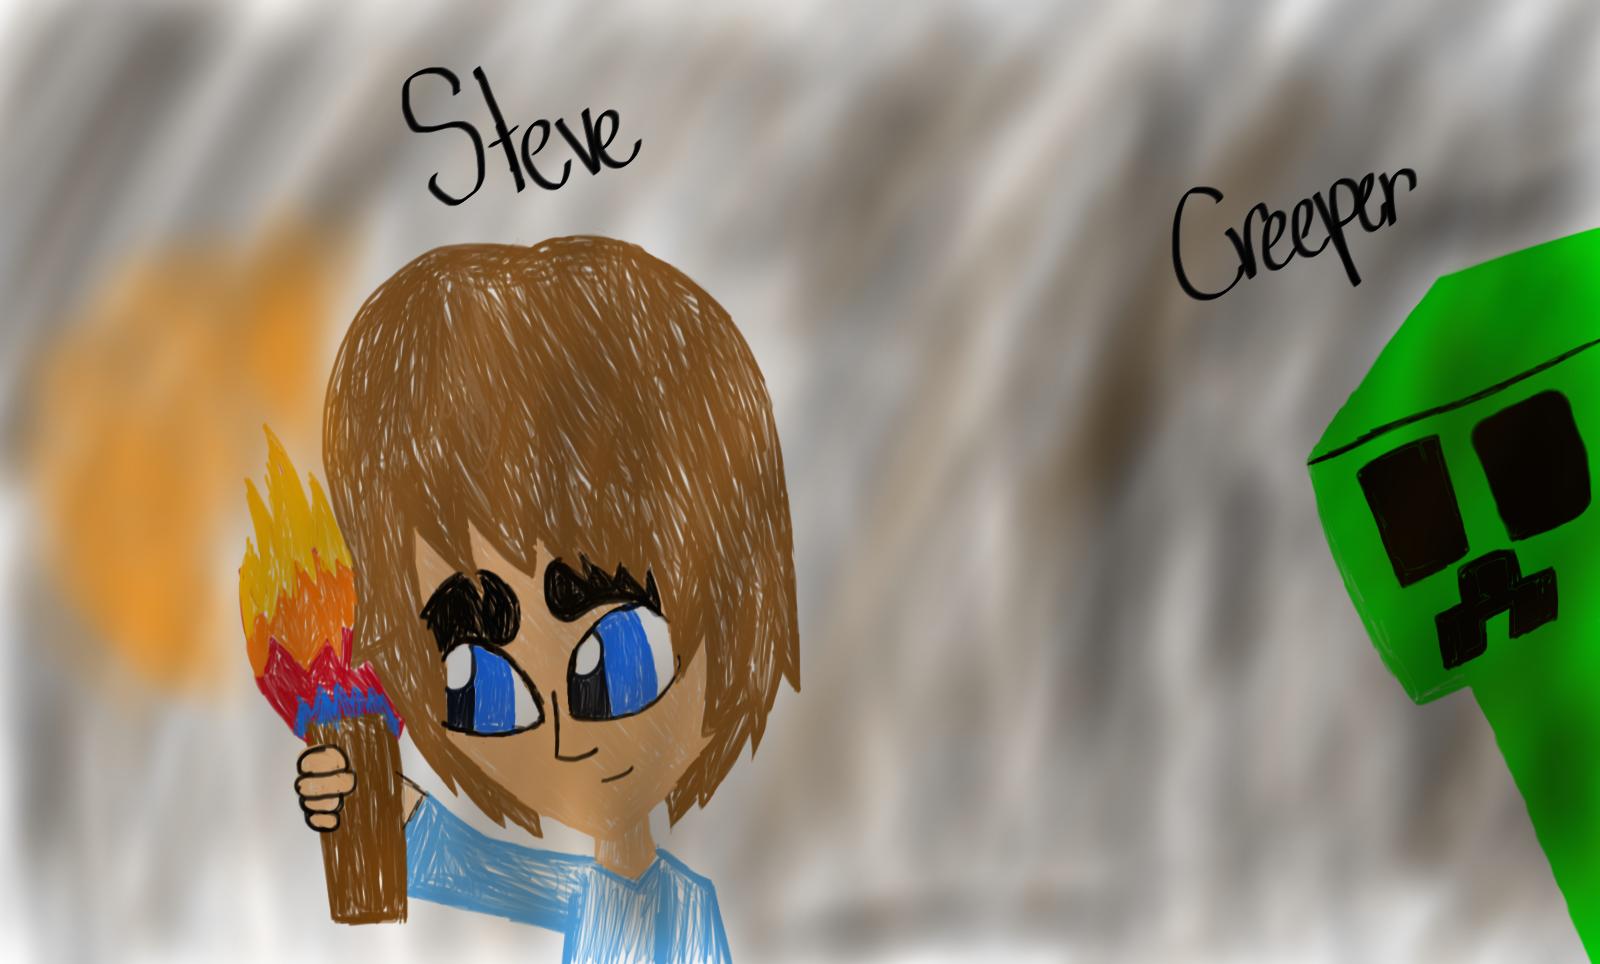 Steve and Creeper by Riyana2